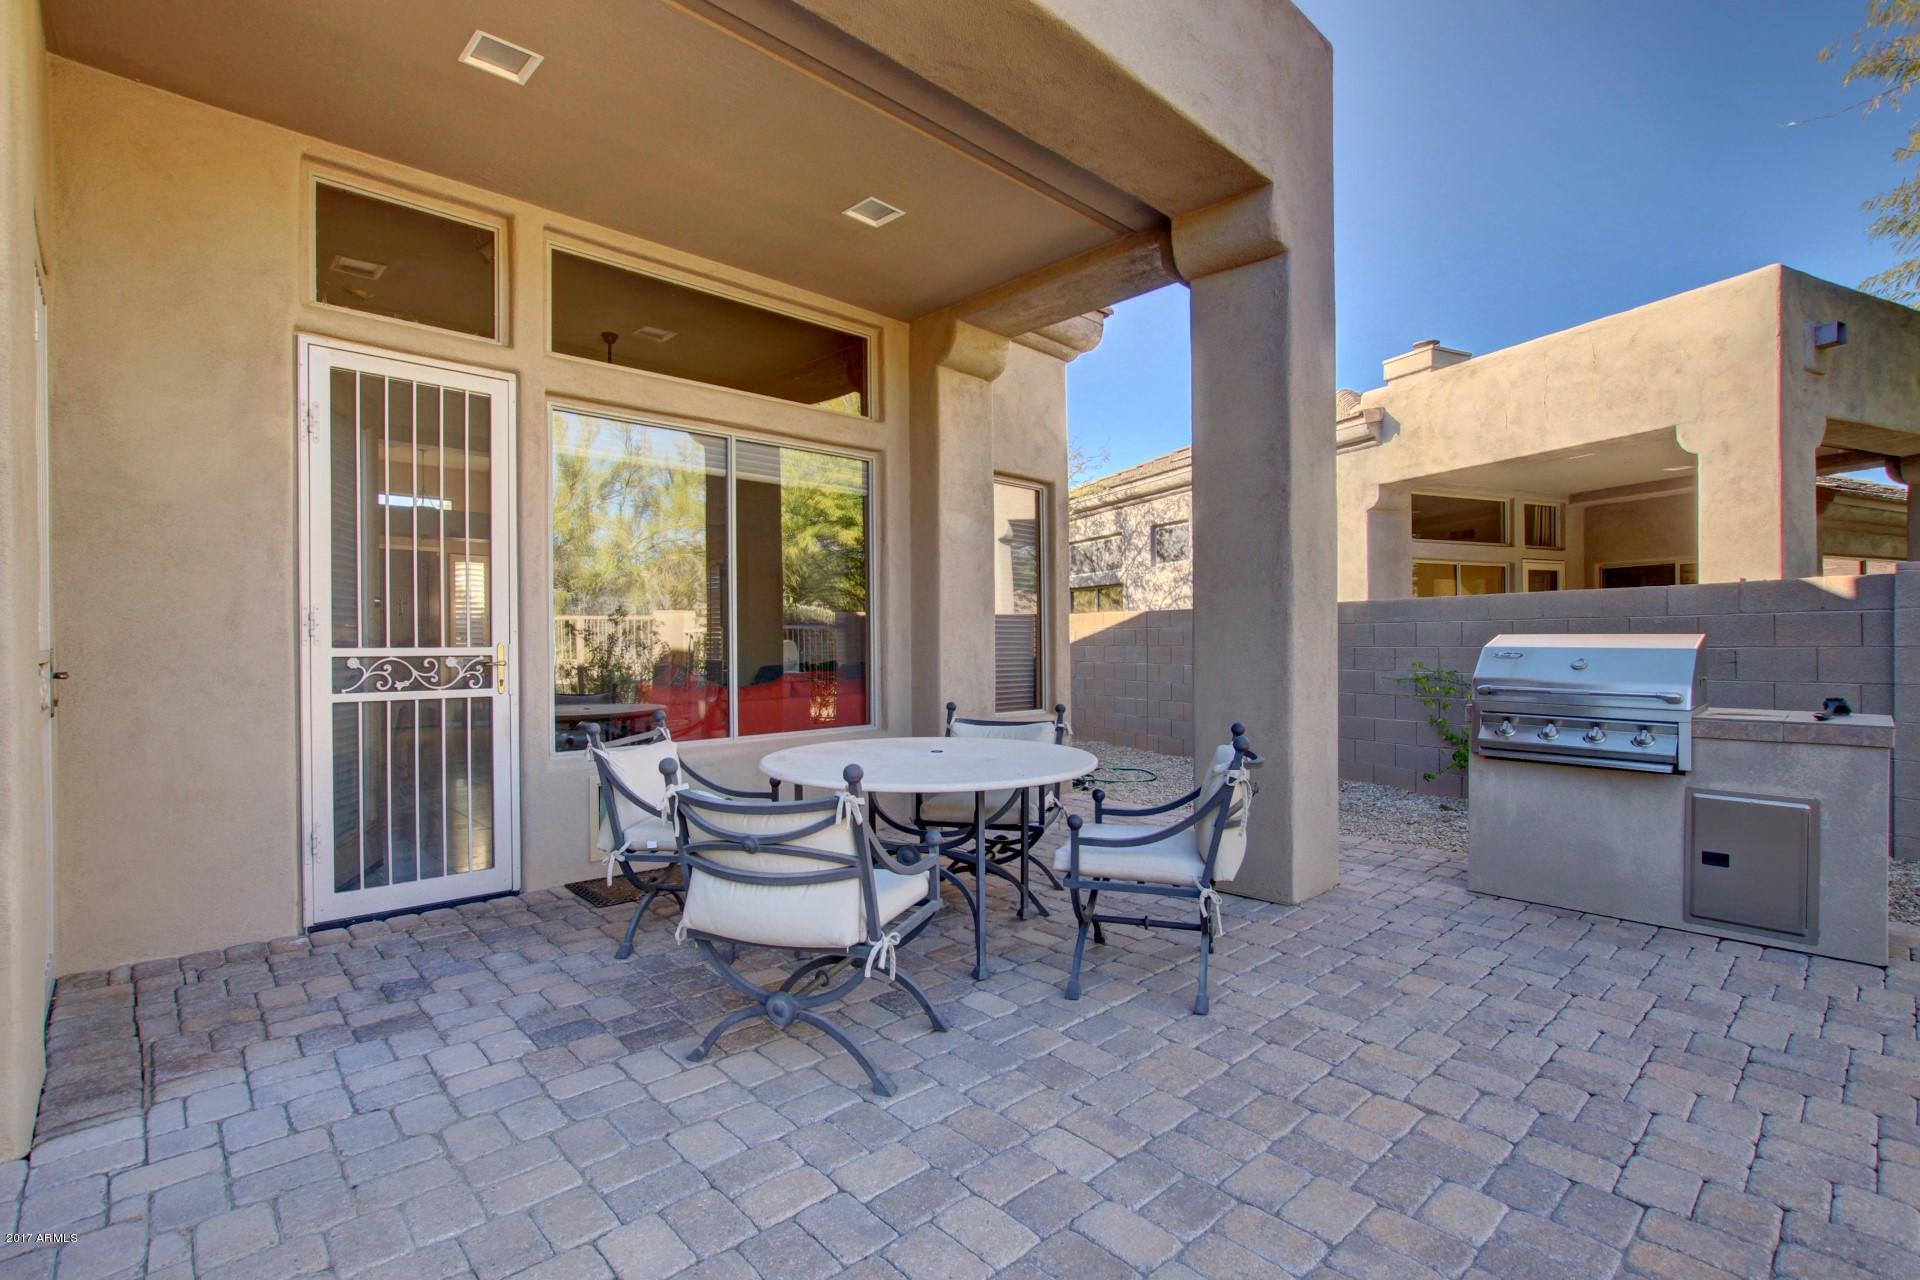 MLS 5701836 7122 E ALOE VERA Drive, Scottsdale, AZ 85266 Scottsdale AZ Terravita